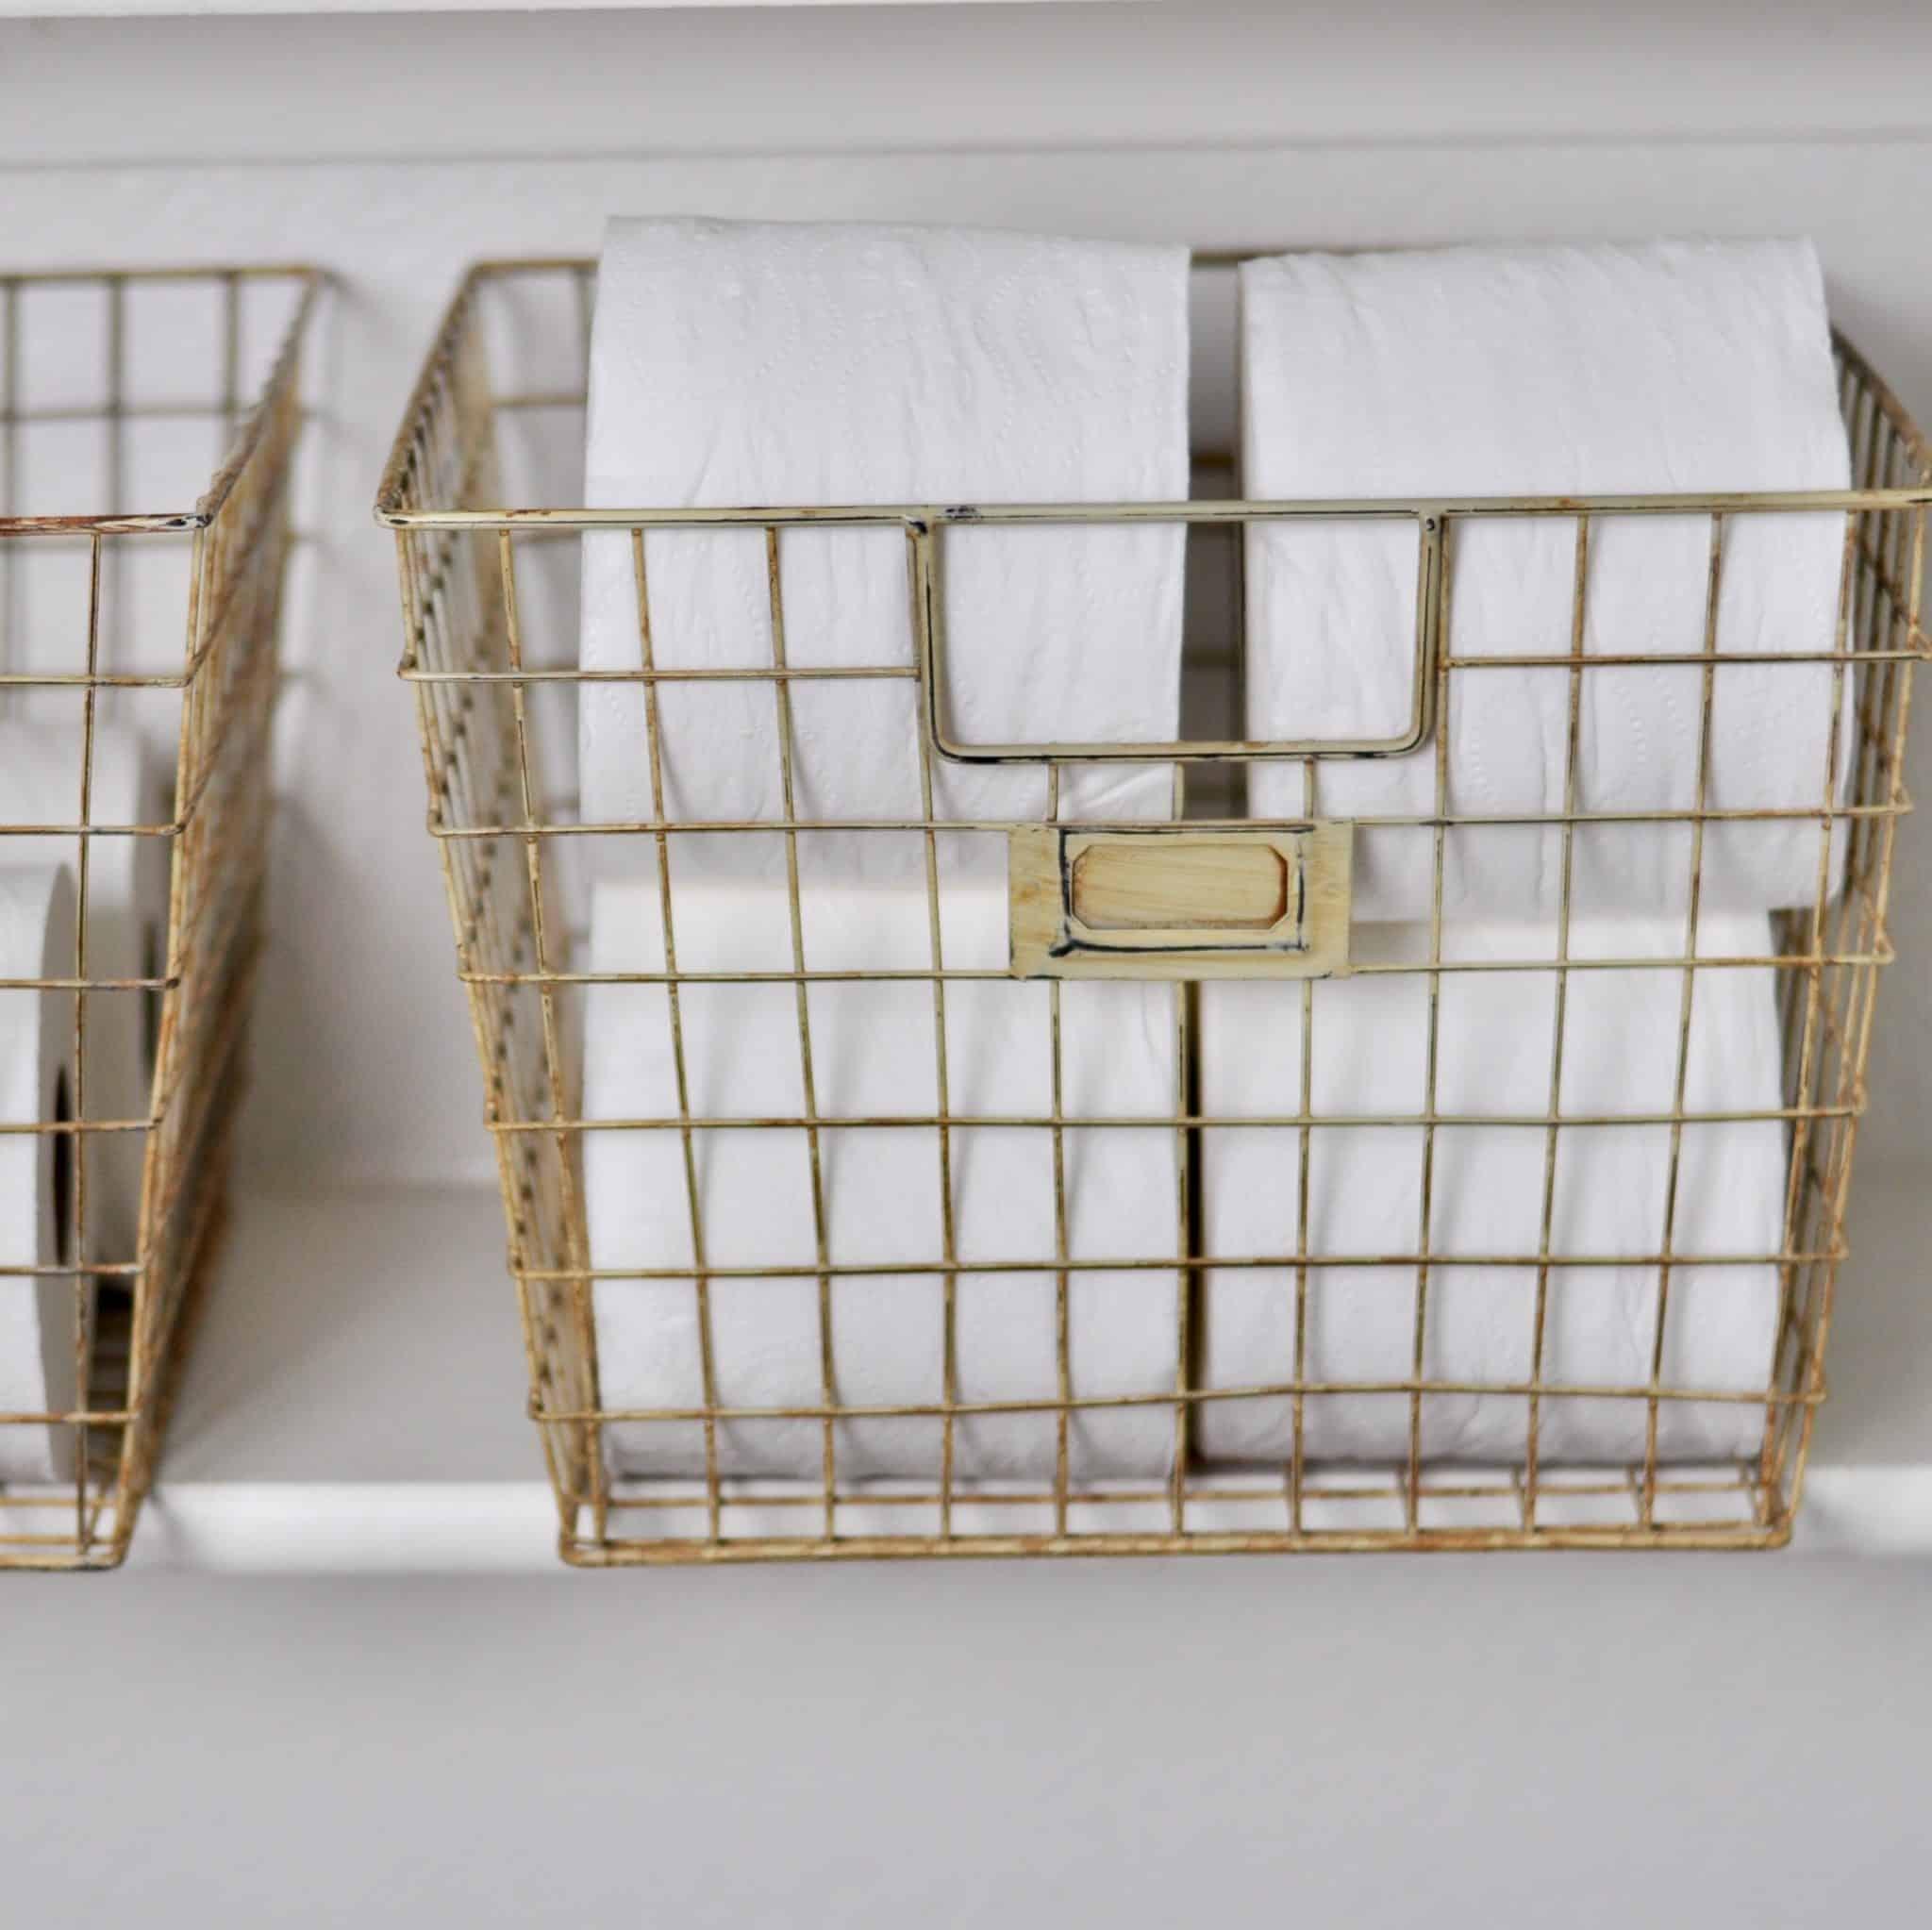 Linen Closet Baskets Intentional Edit Professional Home